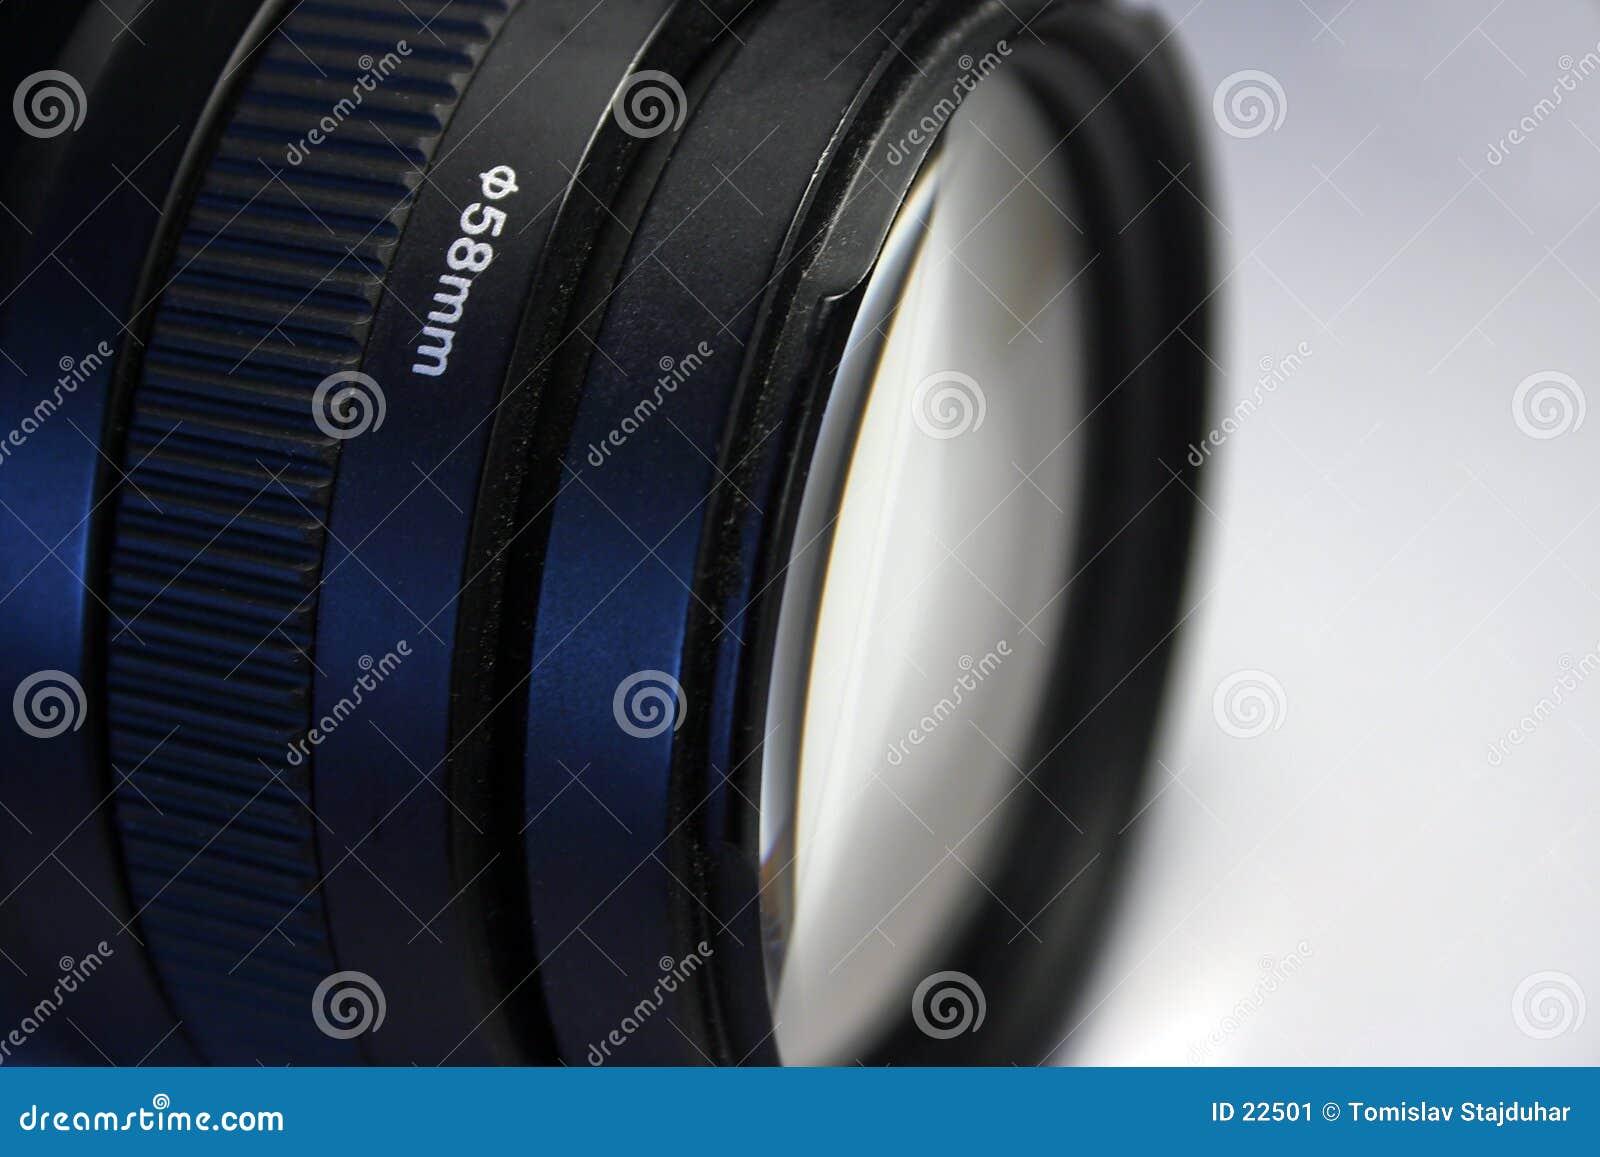 Obiettivo di telephoto di 58mm Canon